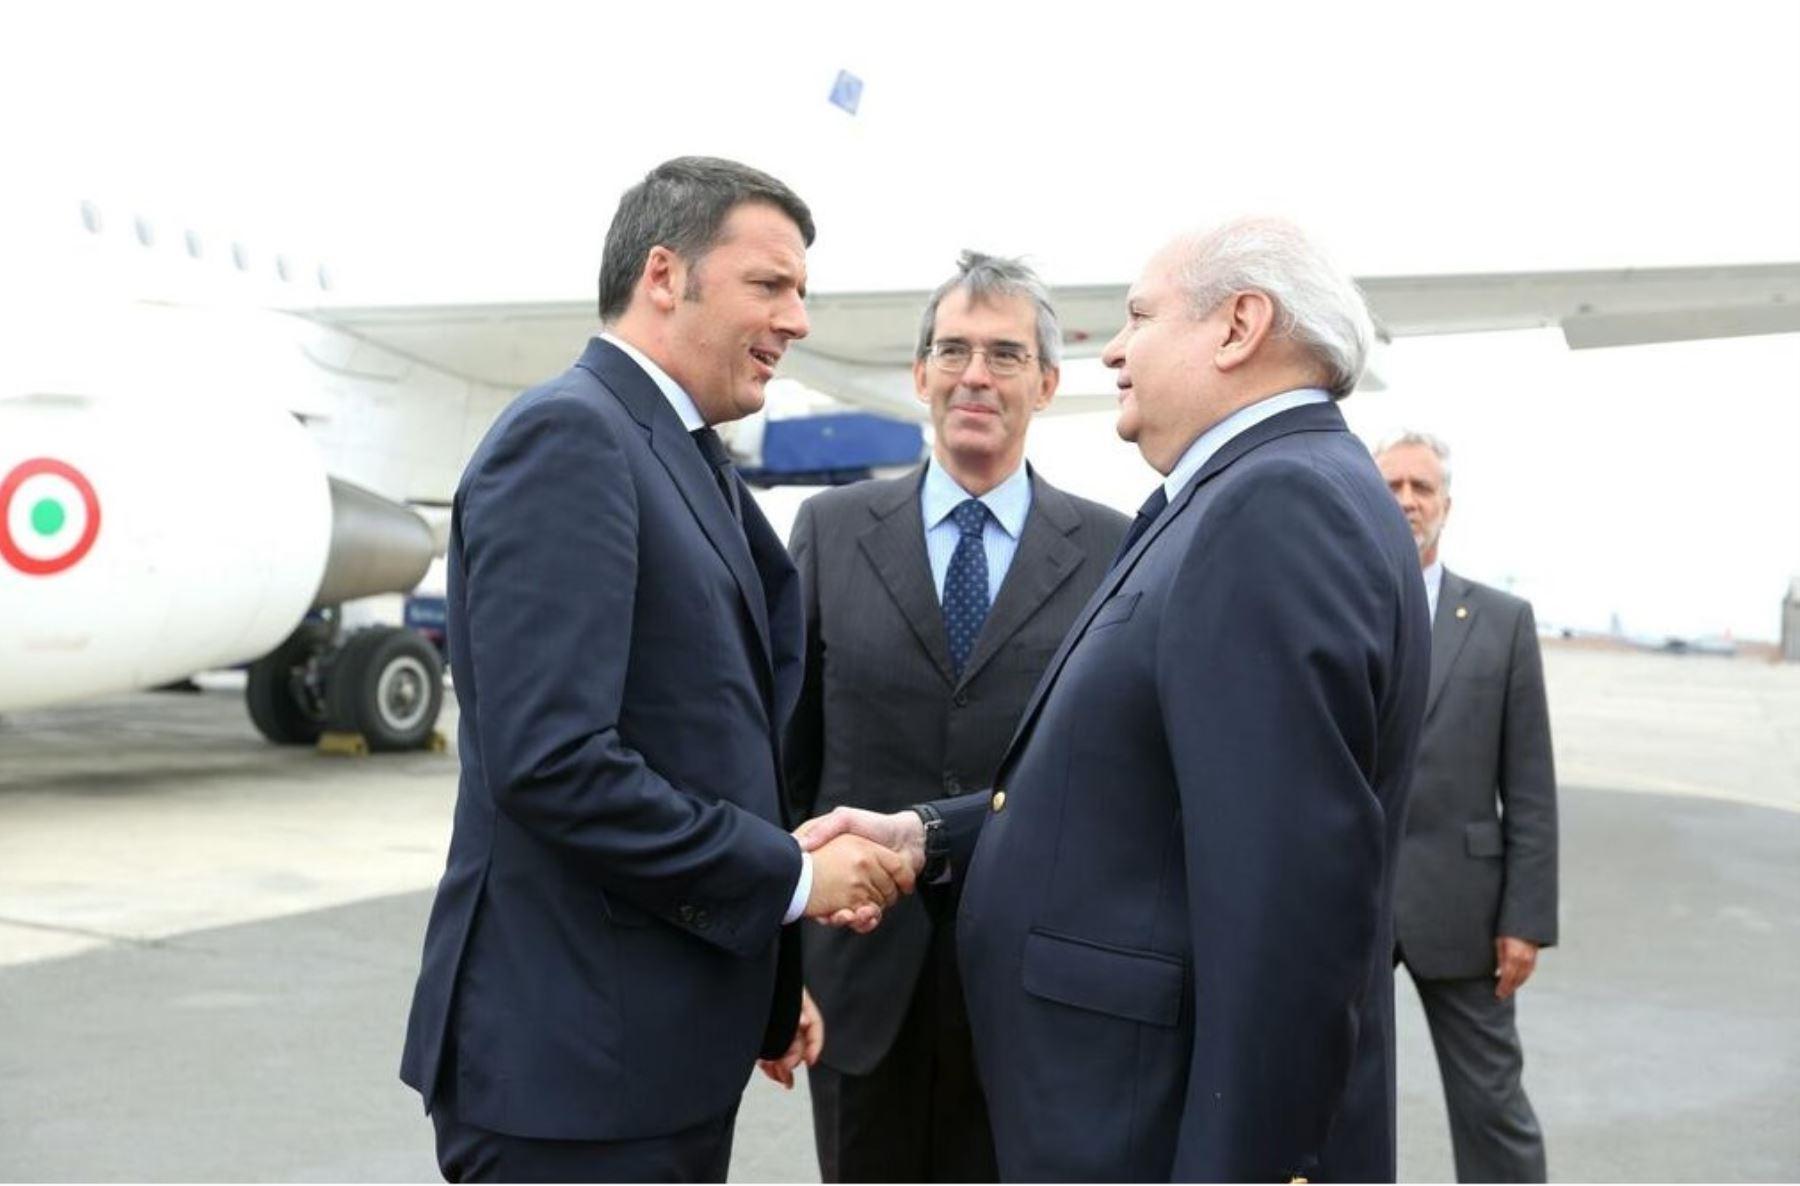 Jefe del Gabinete, pedro Cateriano, sostuvo reunión hoy con el presidente del Consejo de Ministros de Italia, Matteo Renzi.